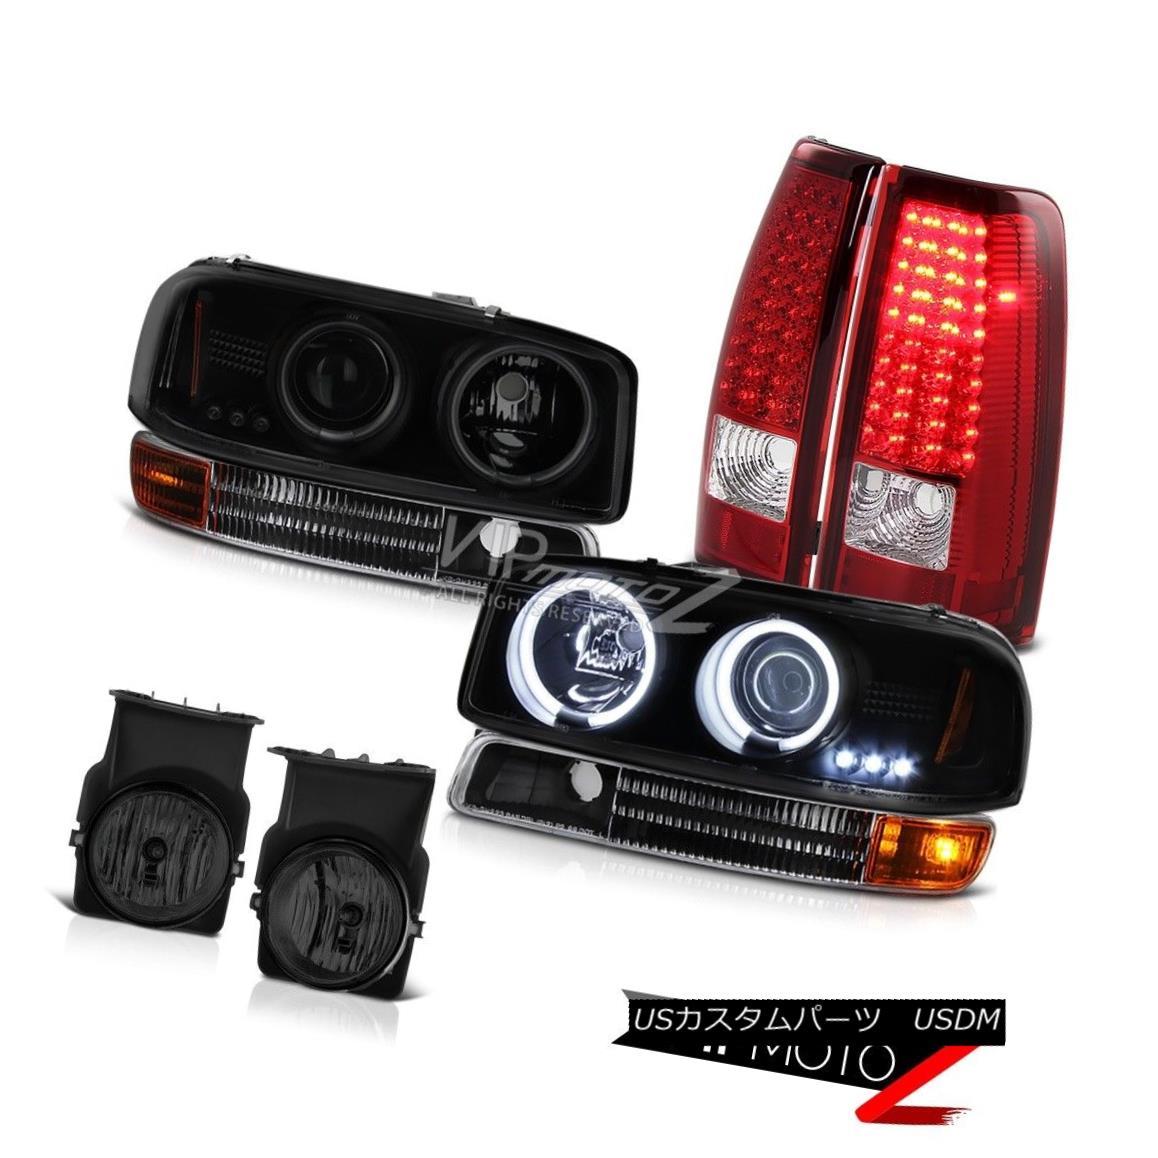 ヘッドライト CCFL Halo Headlamp Headlight Signal Red LED TailLight Foglamp 2003 GMC Sierra WT CCFL Haloヘッドランプヘッドライト信号レッドLED TailLight Foglamp 2003 GMC Sierra WT